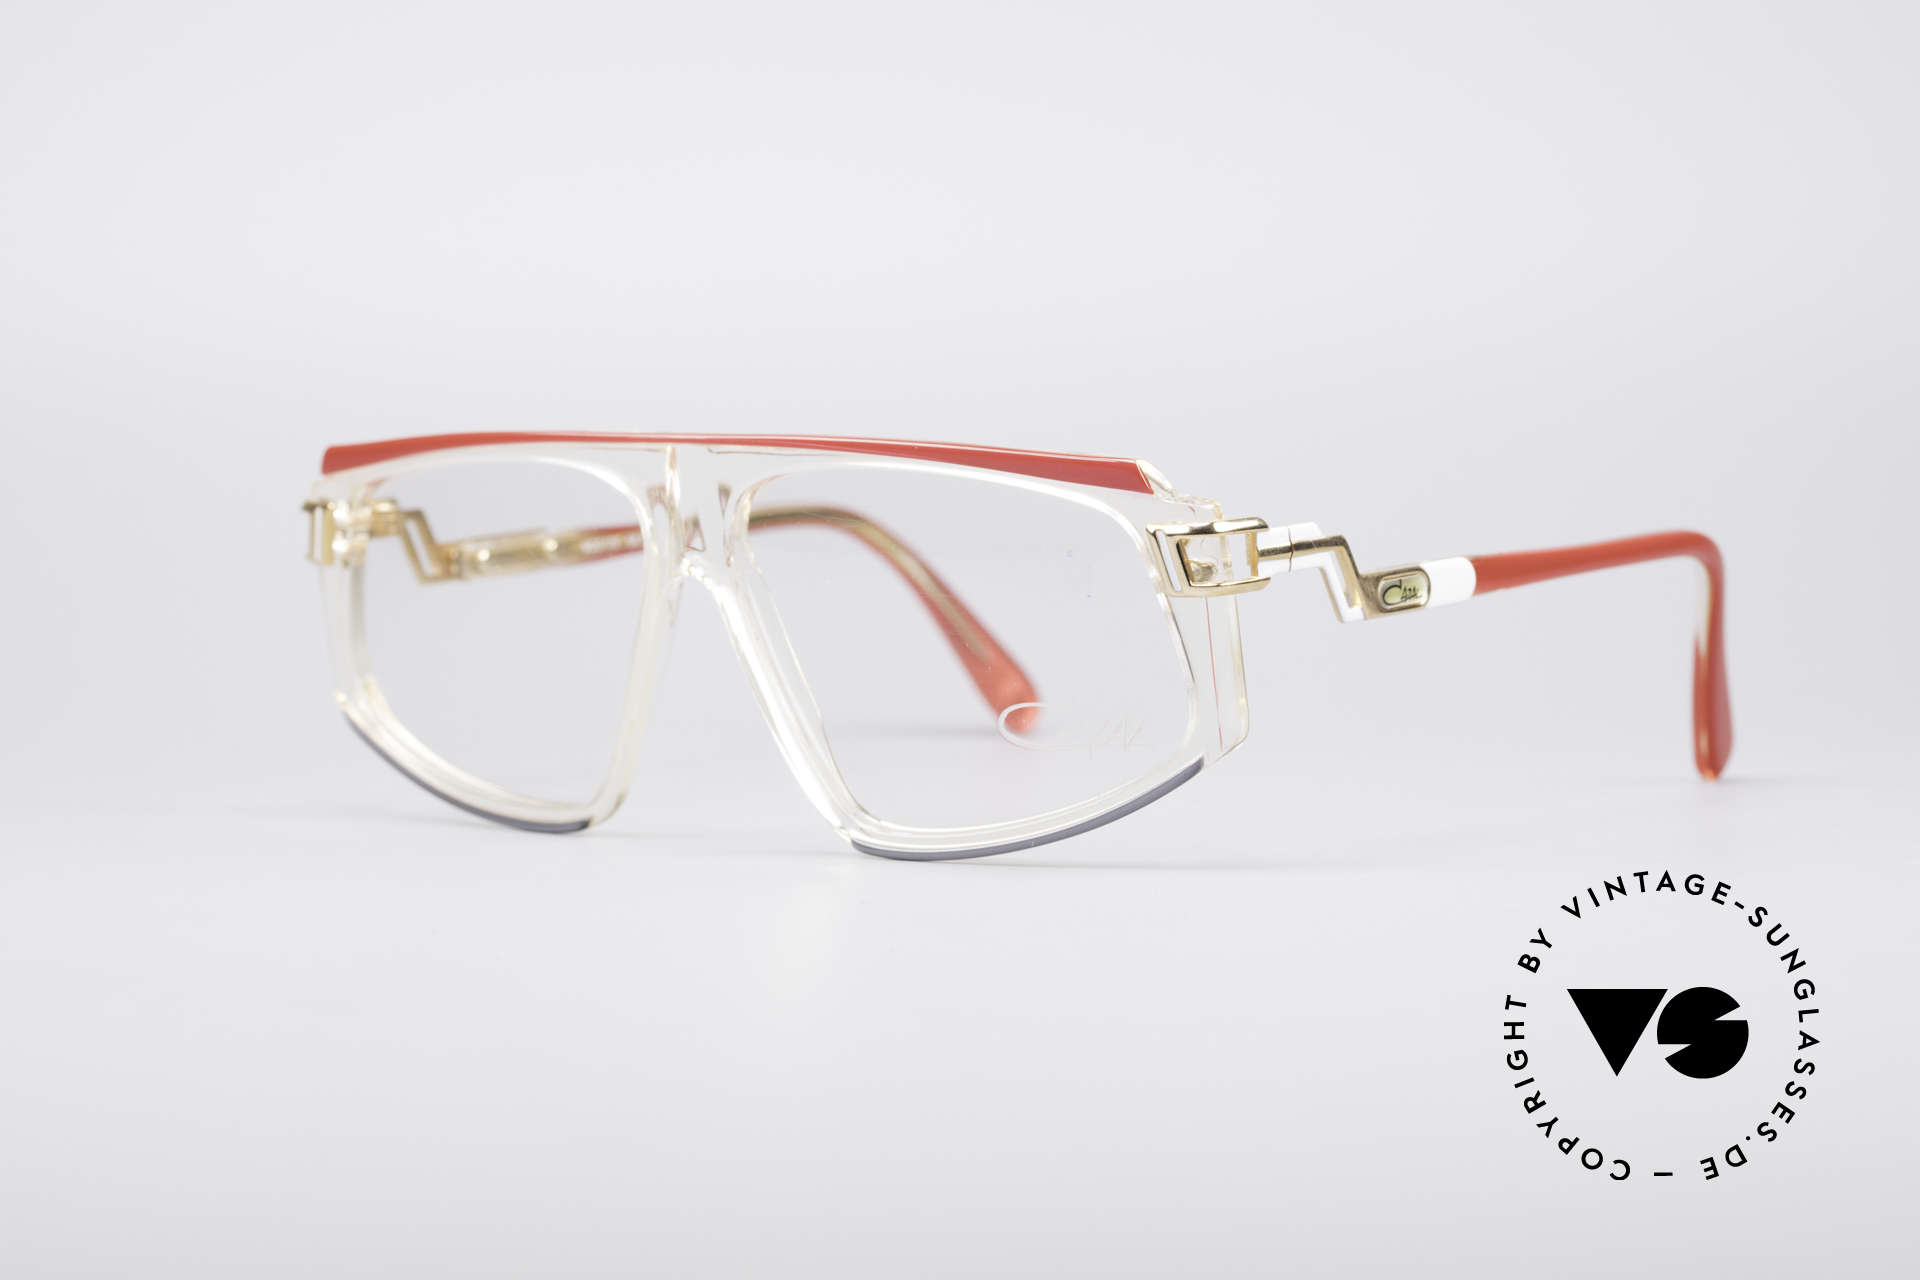 Cazal 170 Echt Vintage No Retrobrille, außergewöhnliche Form- und Farbgestaltung, Passend für Damen